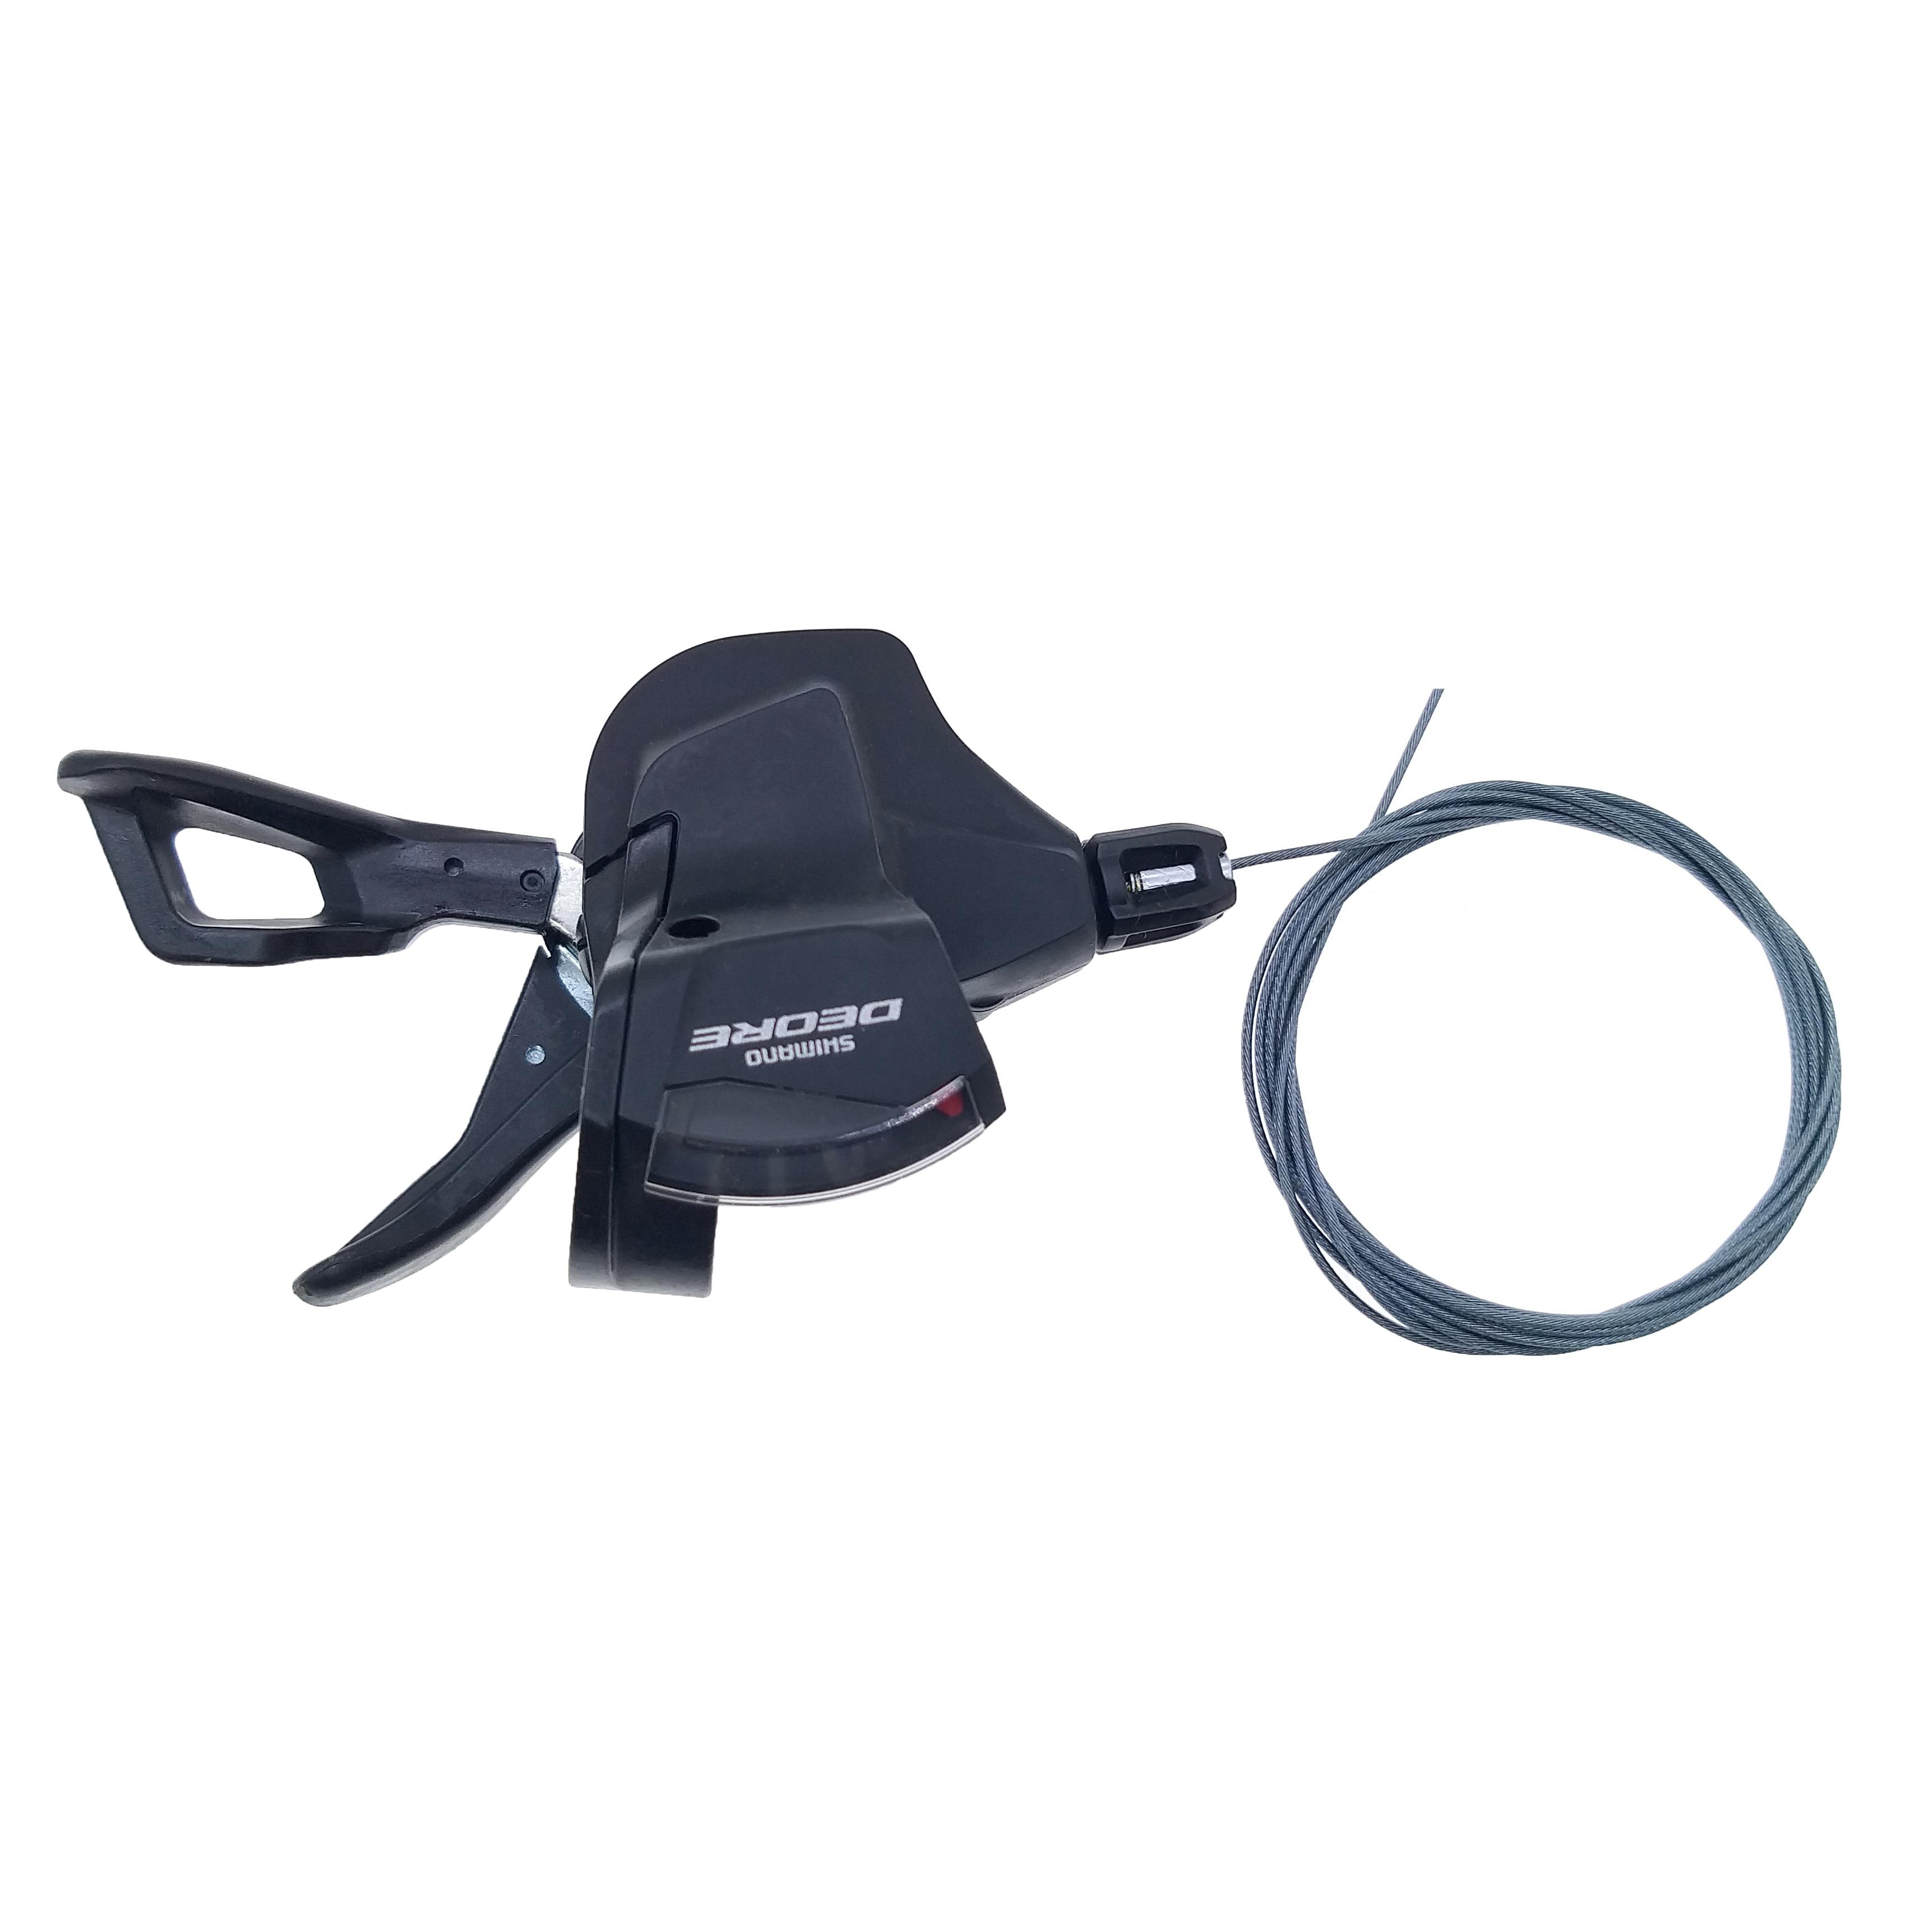 Shimano-palanca de cambios de bicicleta Deore SL-M6000 3 velocidades de interruptor M6000...